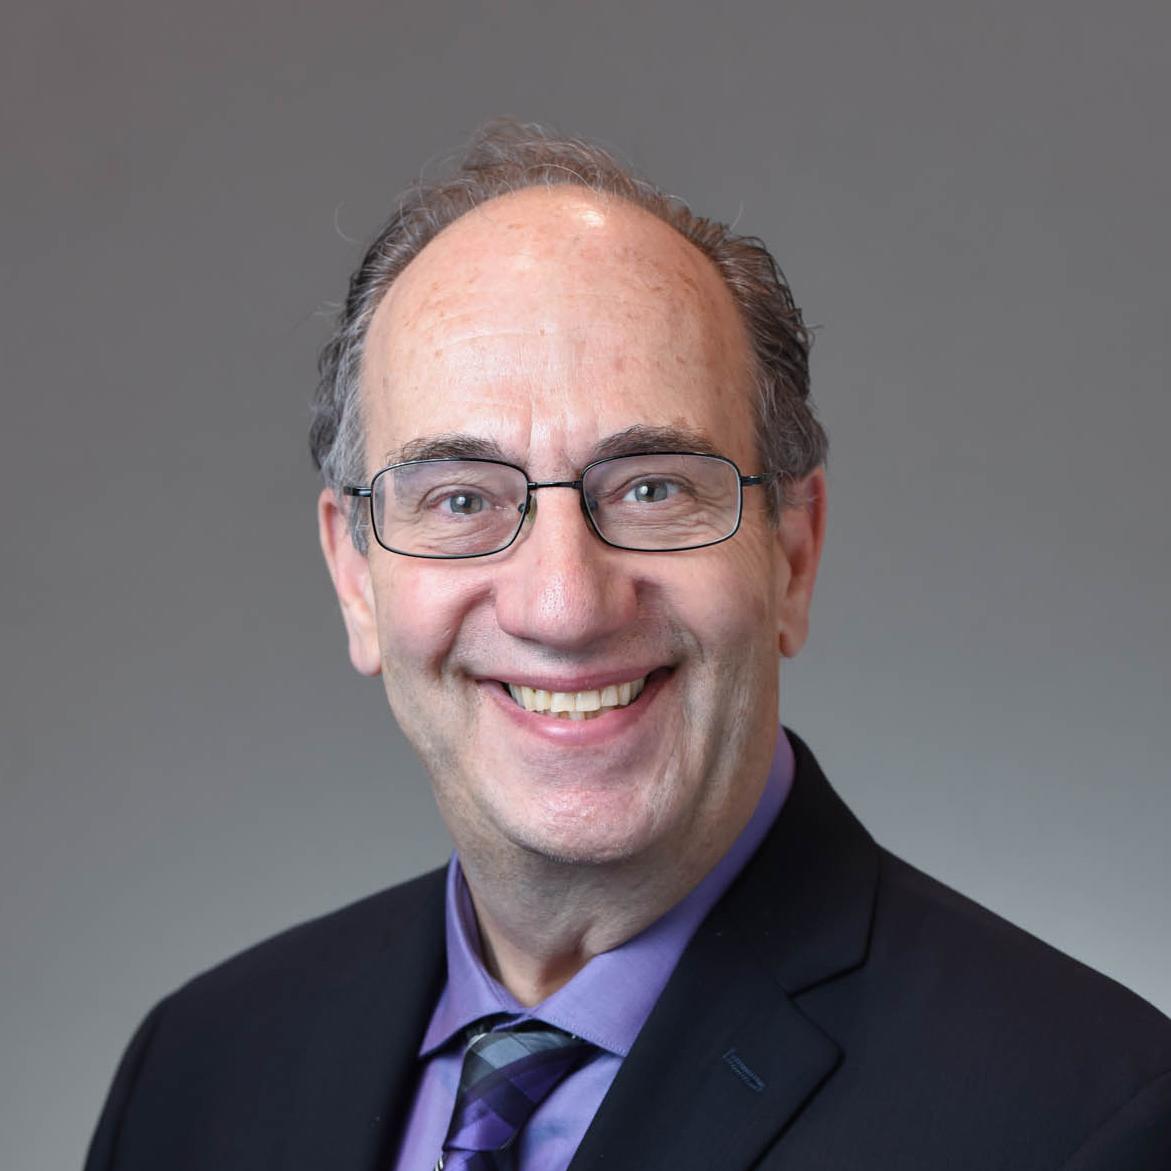 Dr. Evangelos Rossopoulos